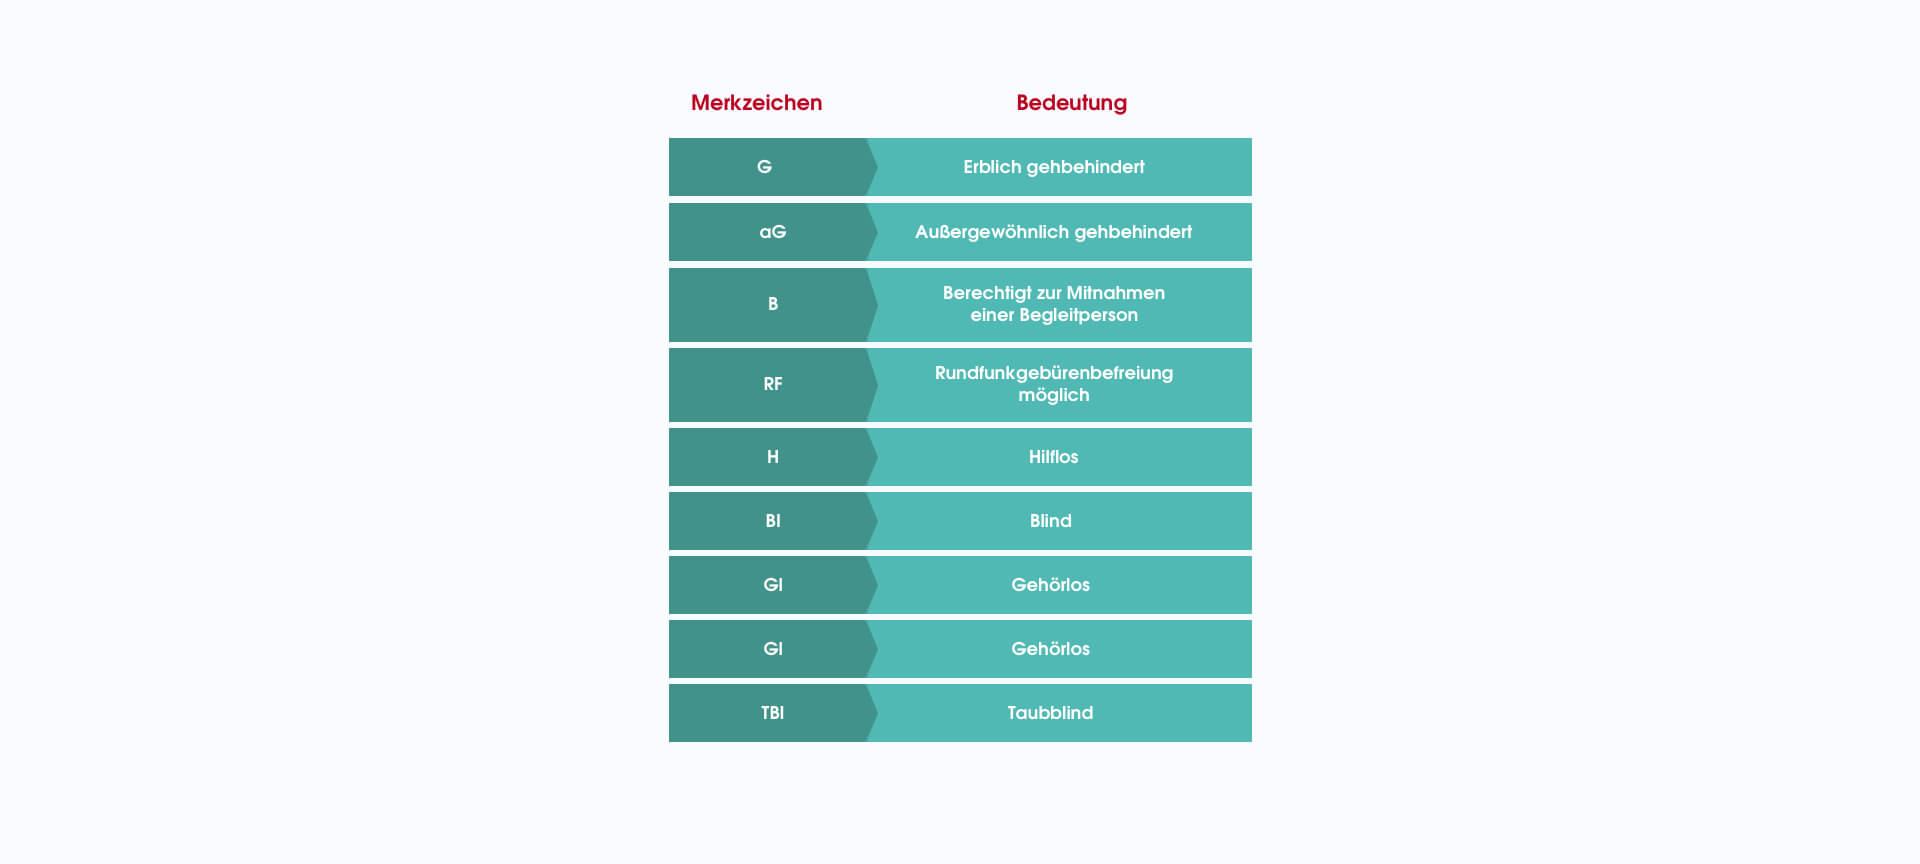 Tabelle zur Erklärung der Merkzeichen bei einer Behinderung